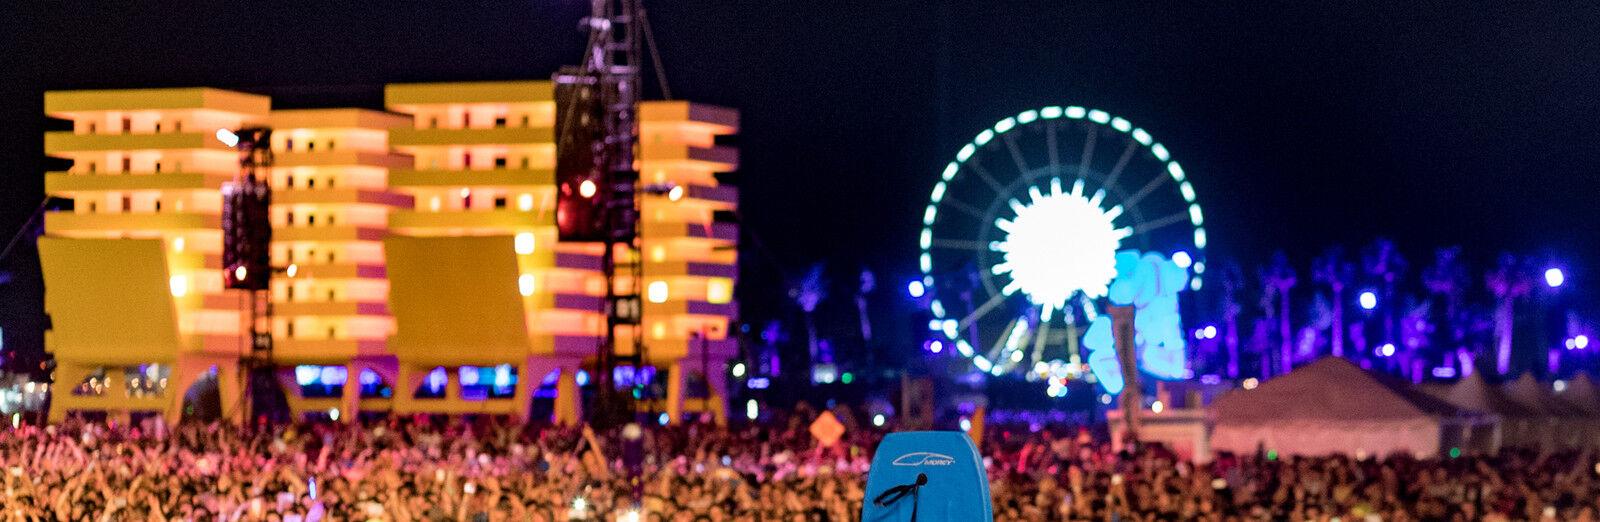 Coachella (コーチェラ・フェスティバル)